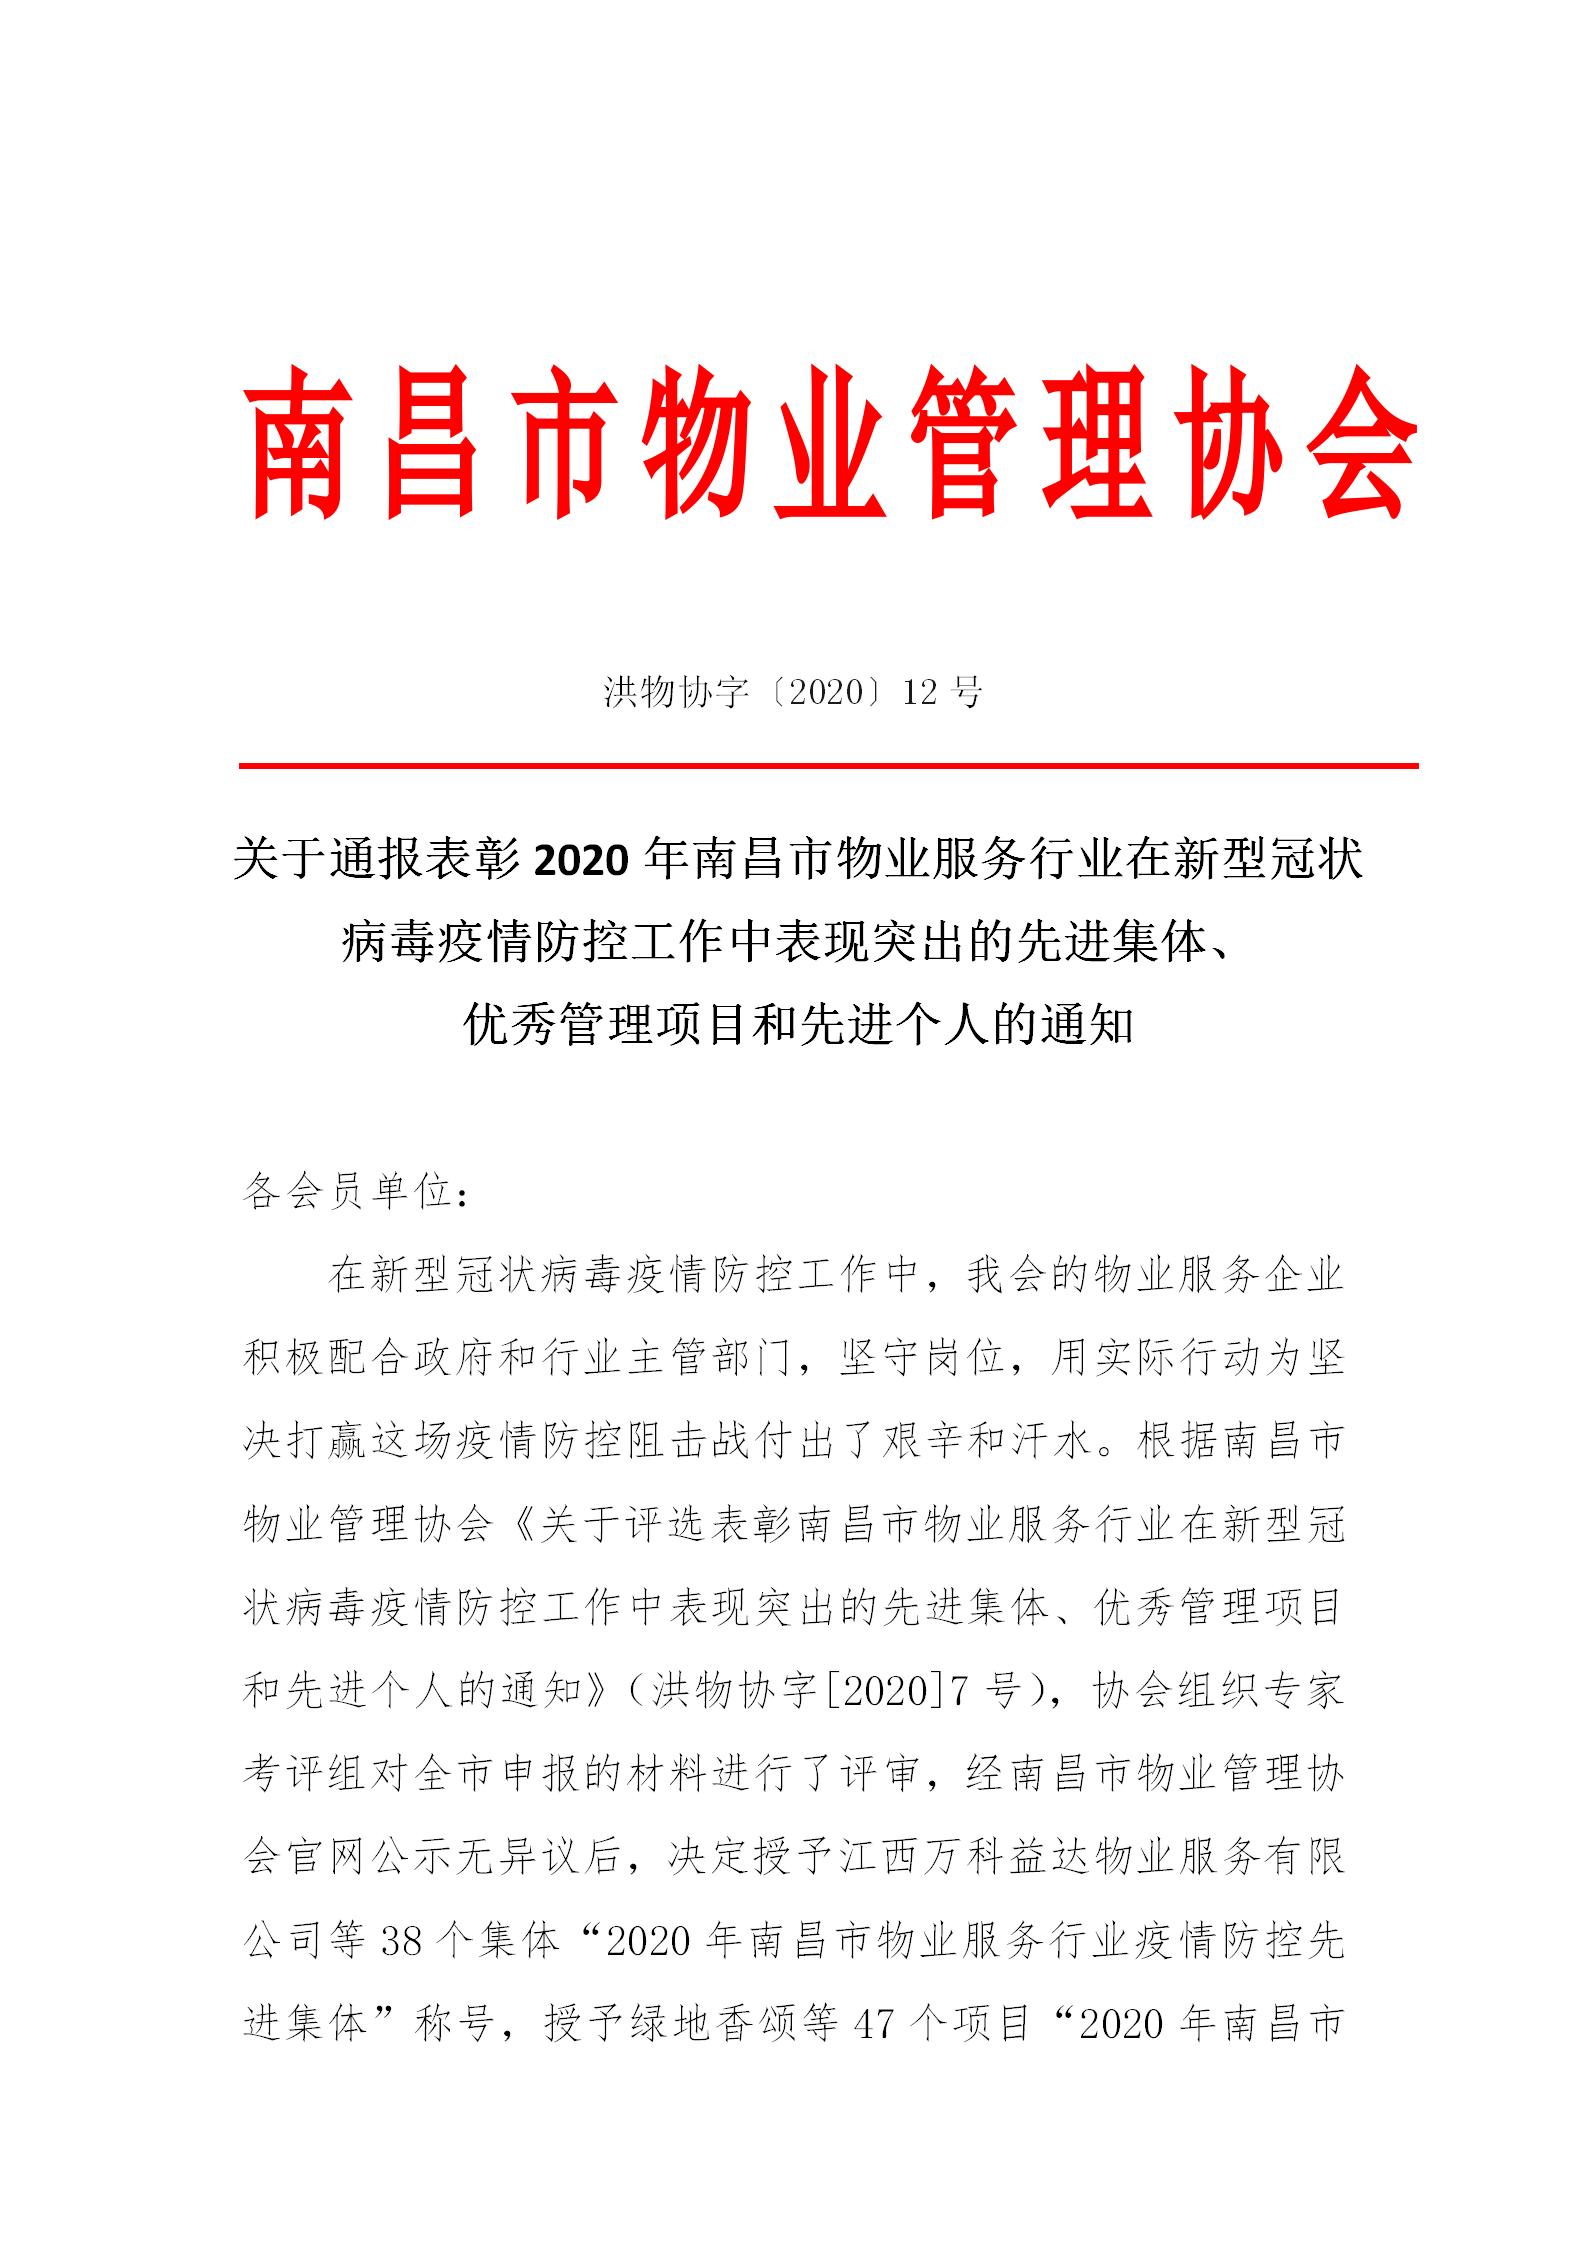 洪物协字[2020]12号关于通报表彰2020年南昌市物业服务行业在新型冠状病毒疫情防控工作中表现突出的先进集体、优秀管理项目和先进个人的通知_01.png